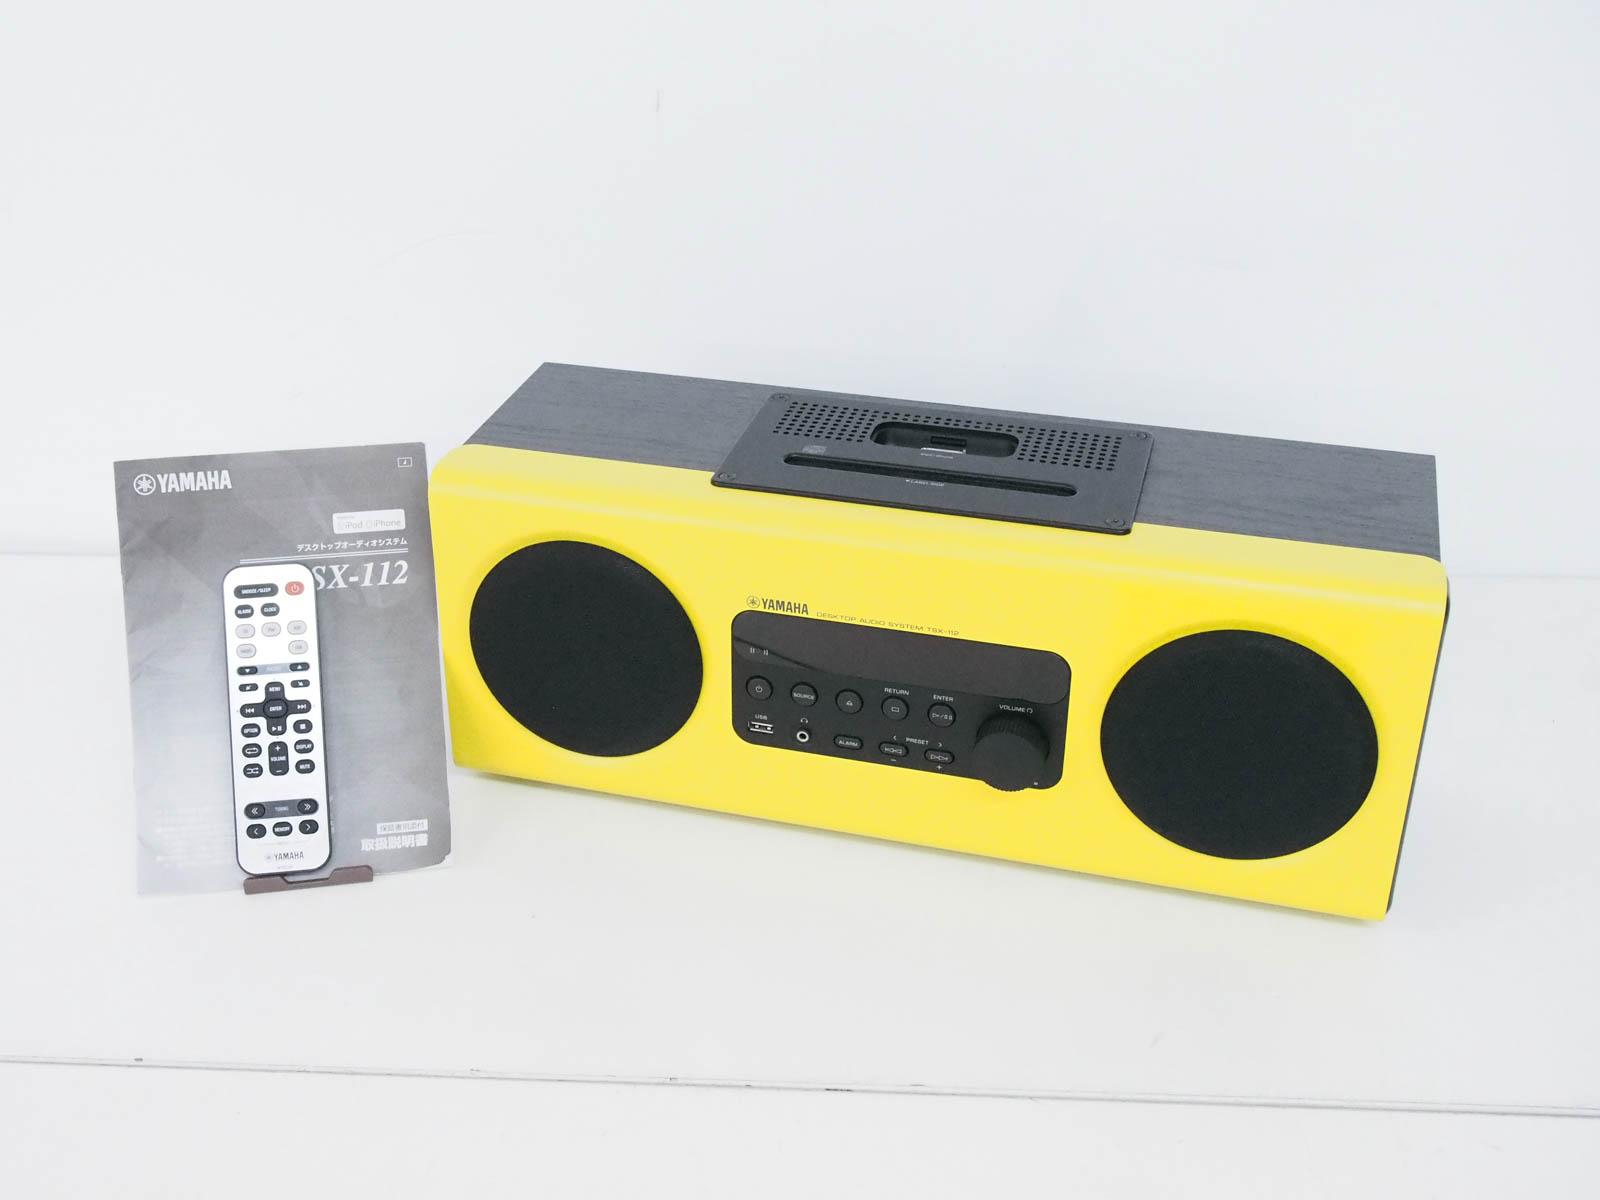 【中古】ヤマハYAMAHA デスクトップオーディオシステム iPhone/iPod対応 CD/USB/ラジオ TSX-112(Y) オーディオ